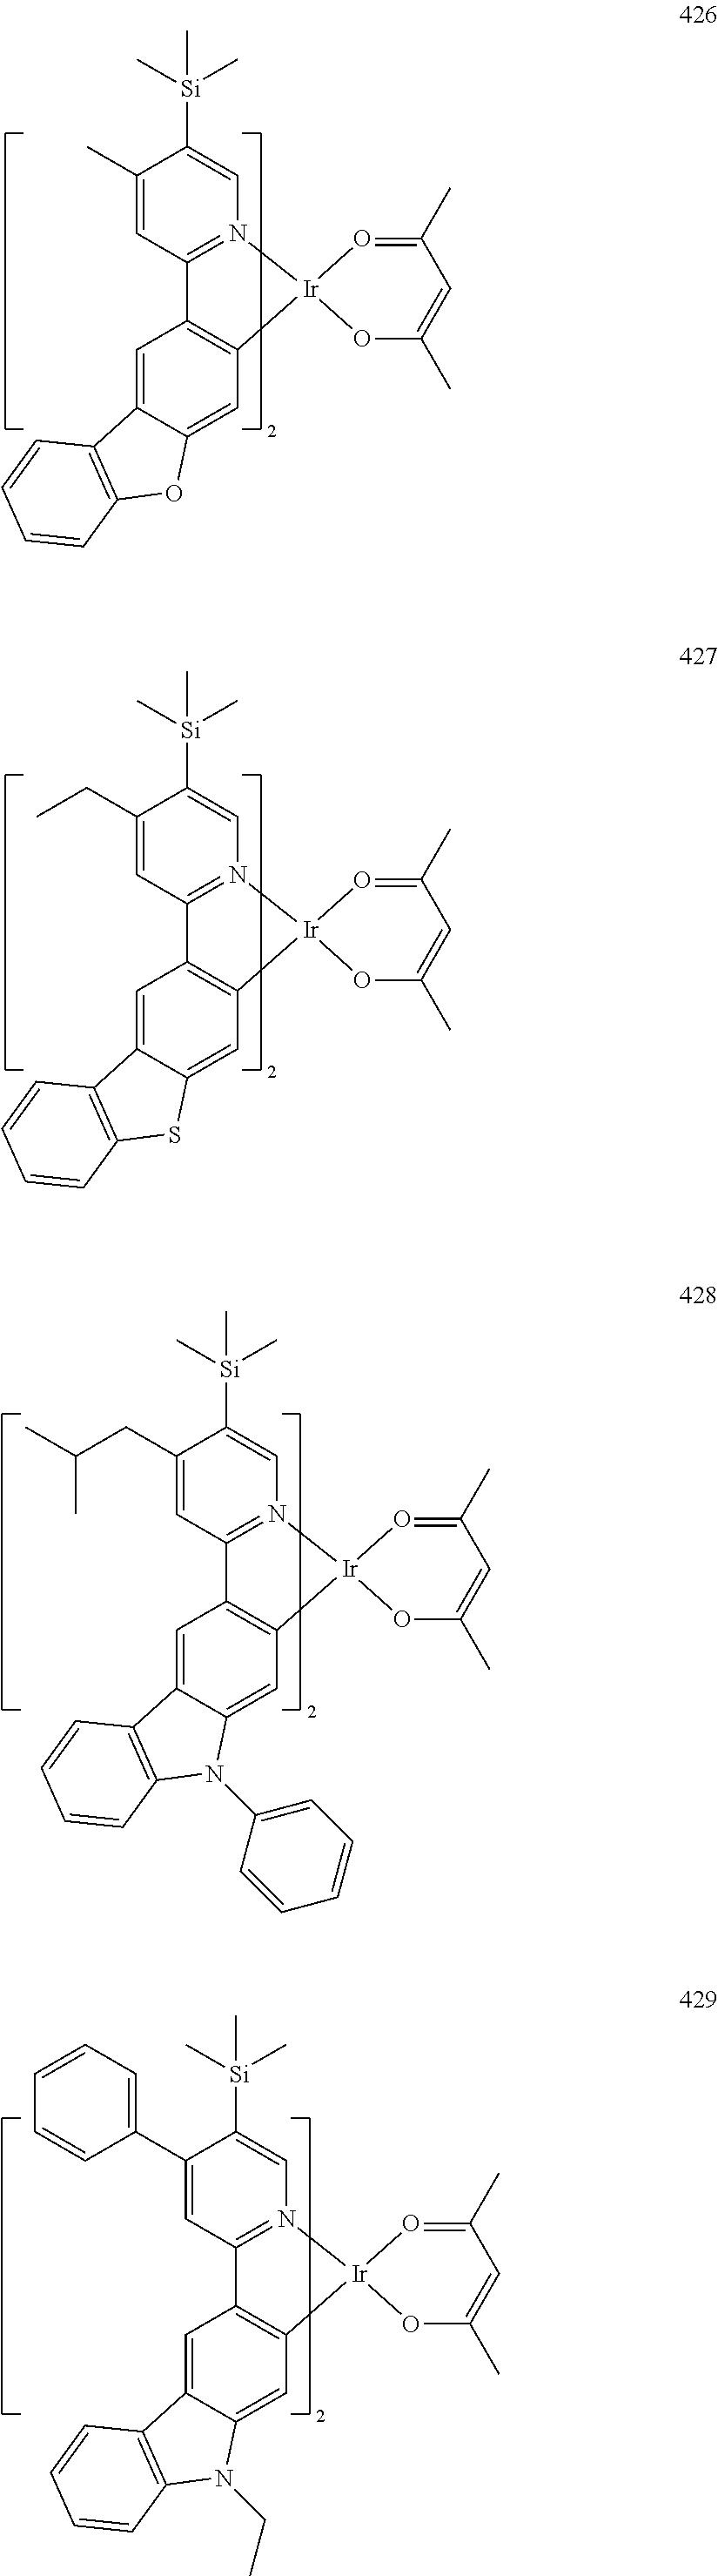 Figure US20160155962A1-20160602-C00188